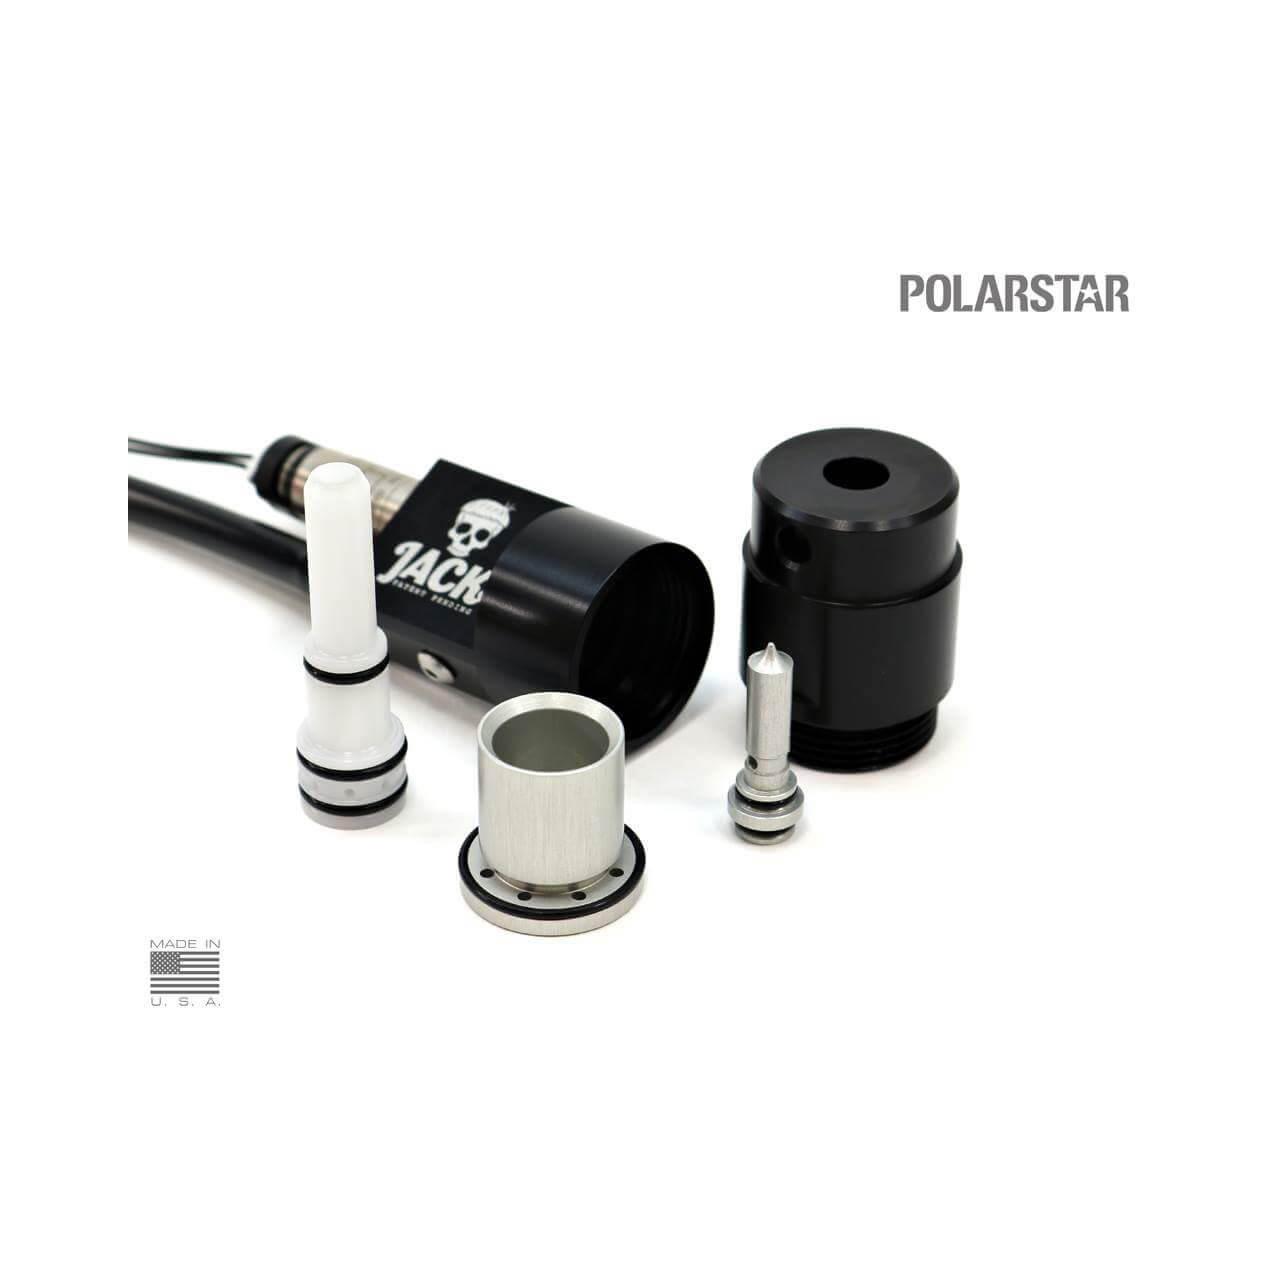 PolarStar JACK Internals 2